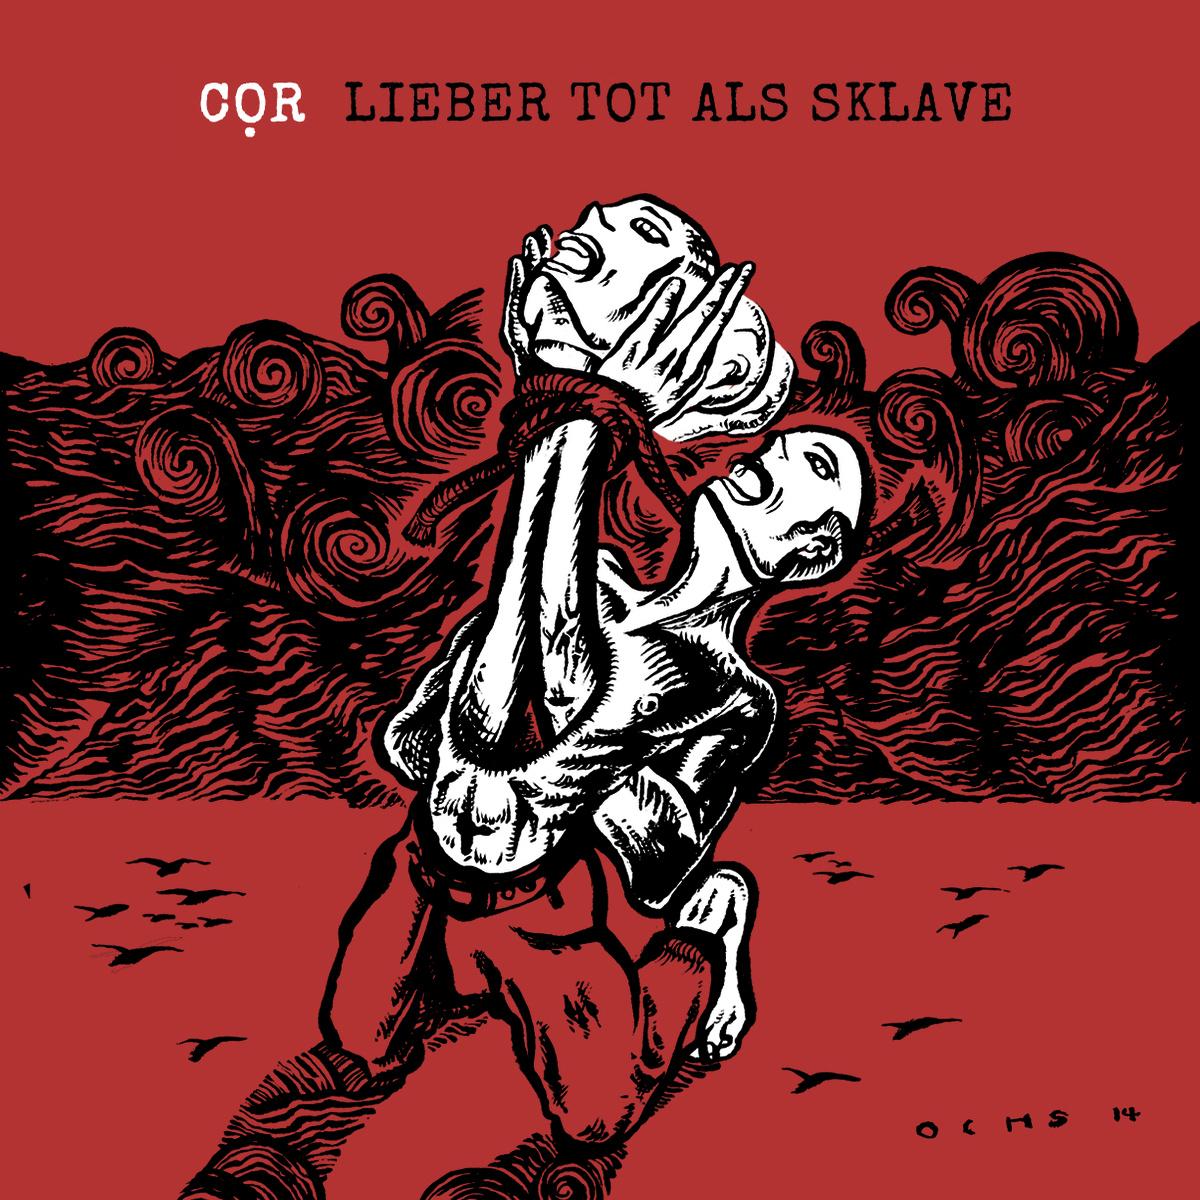 Die neuen Metal-Alben im Januar 2015 - Cor LIEBER TOT ALS SKALVE